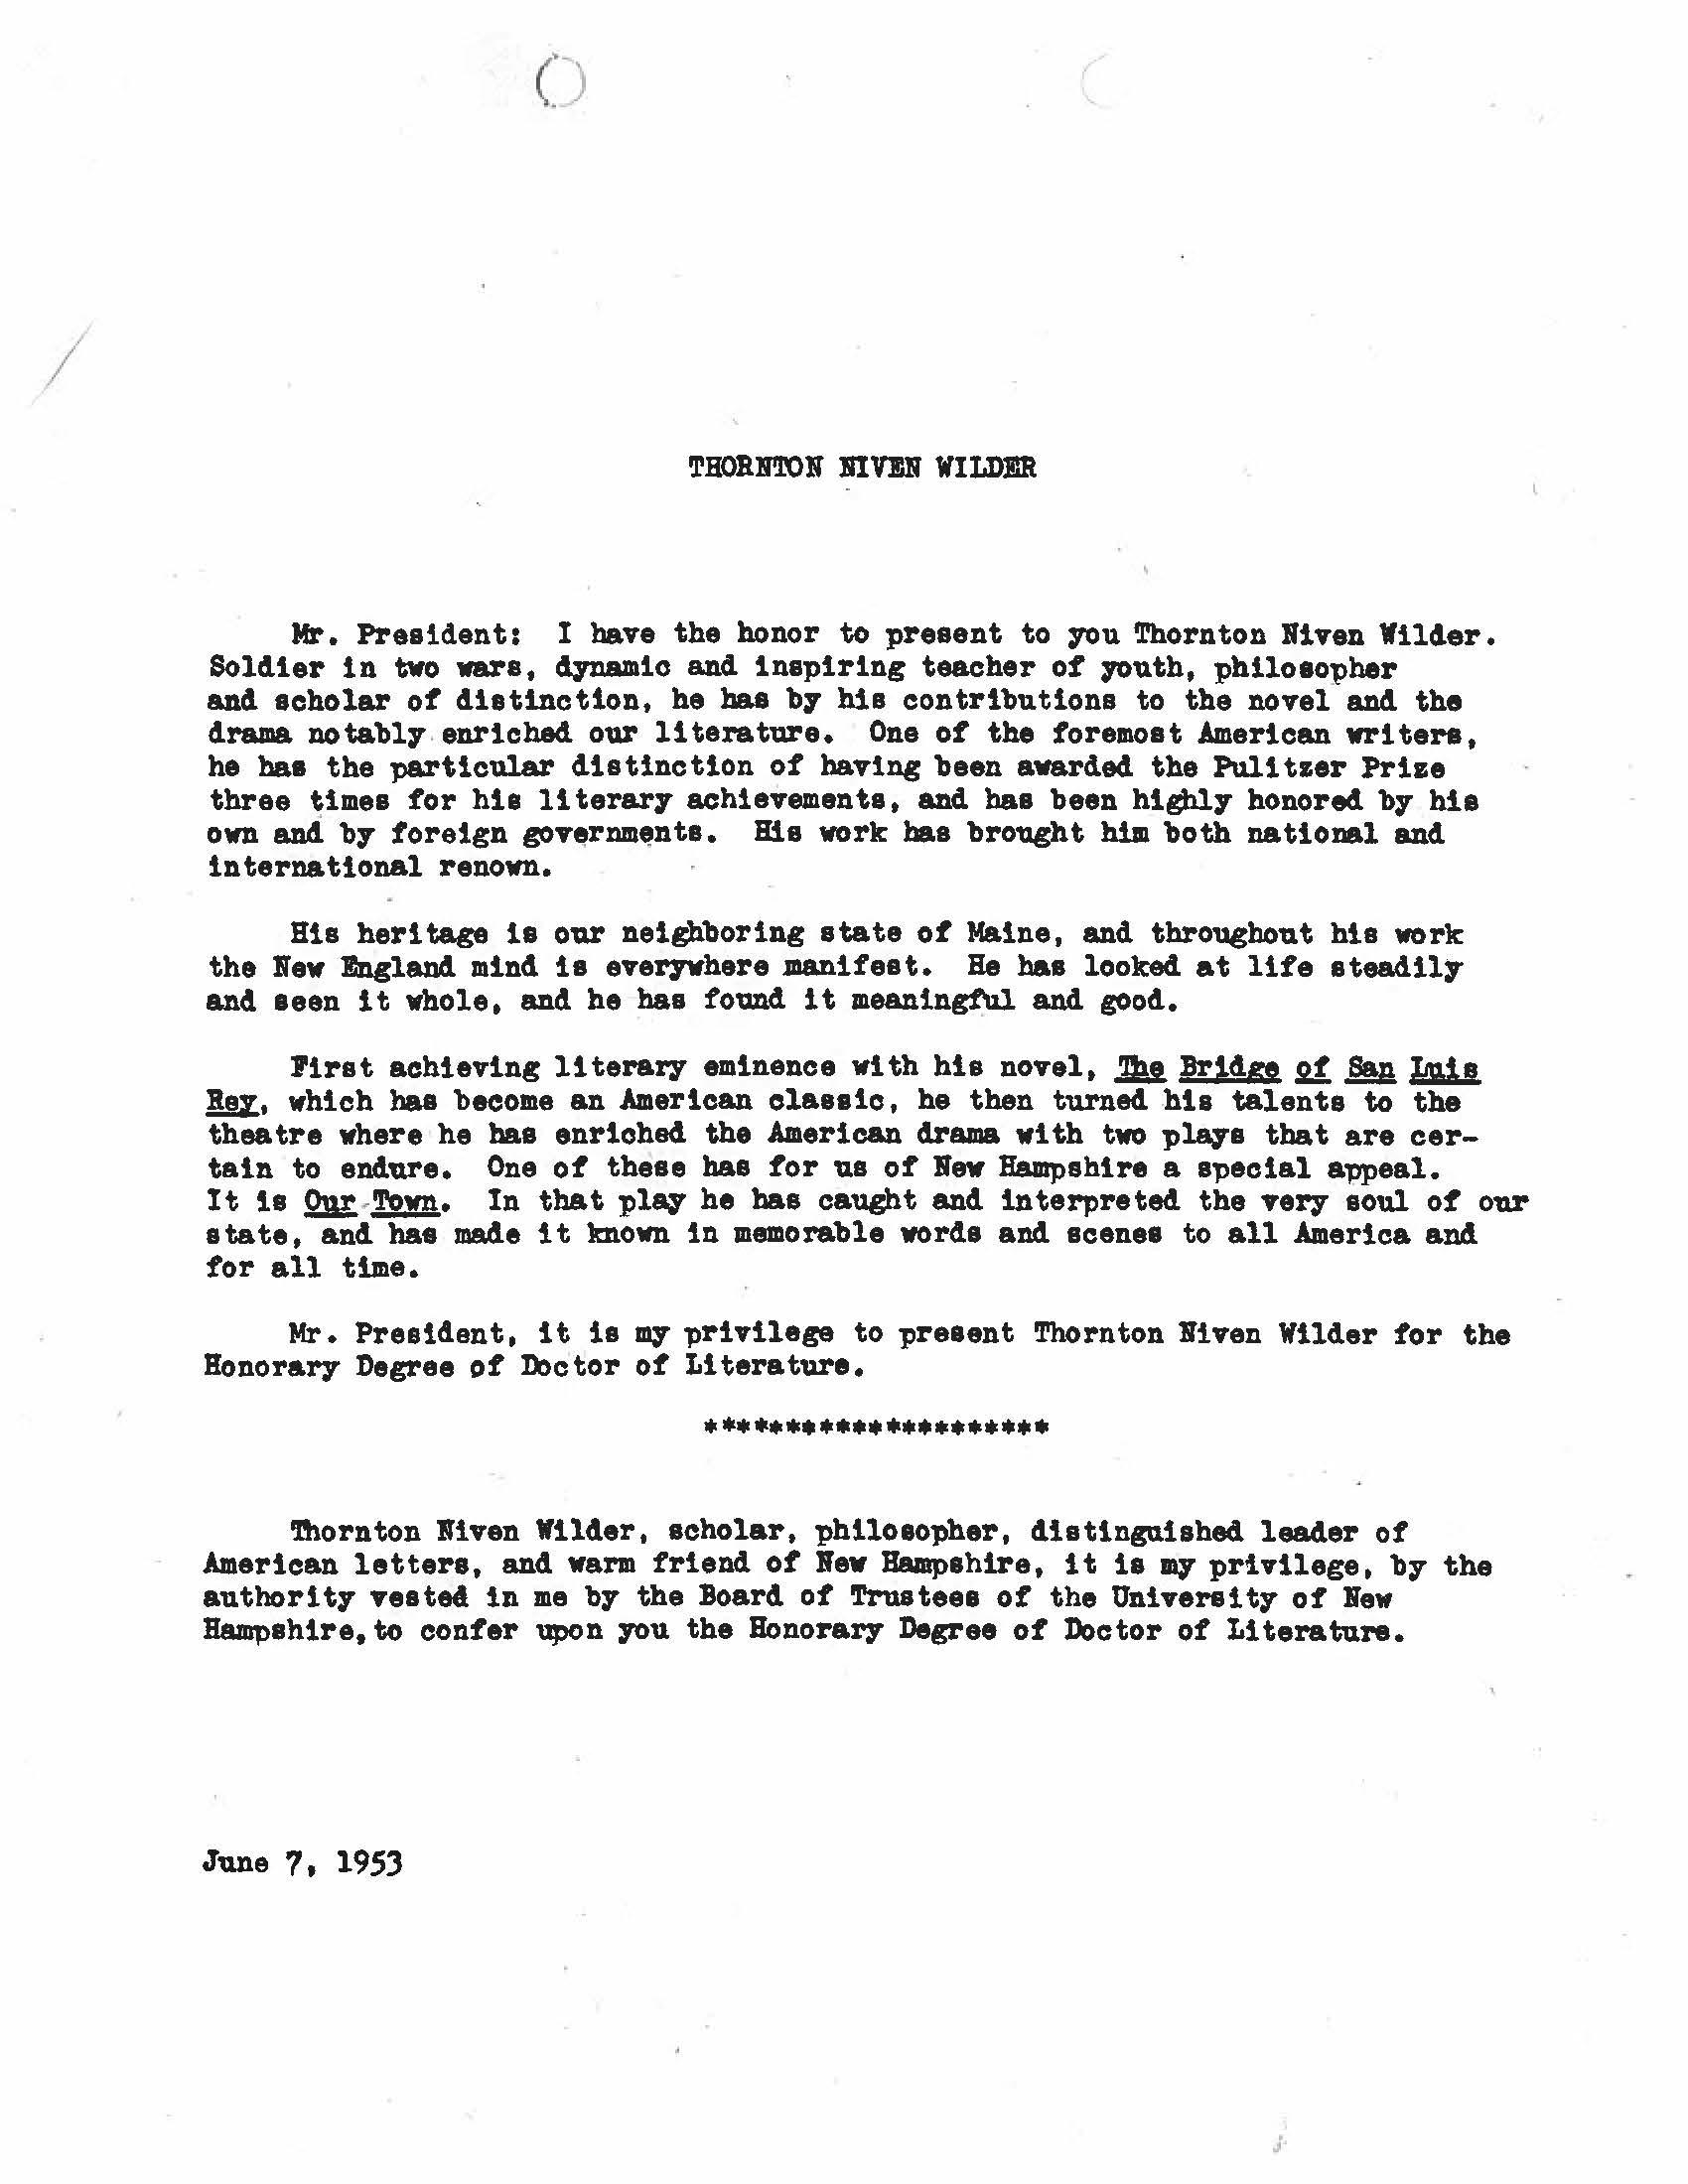 Thornton-Wilder-1953_Page_4.jpg